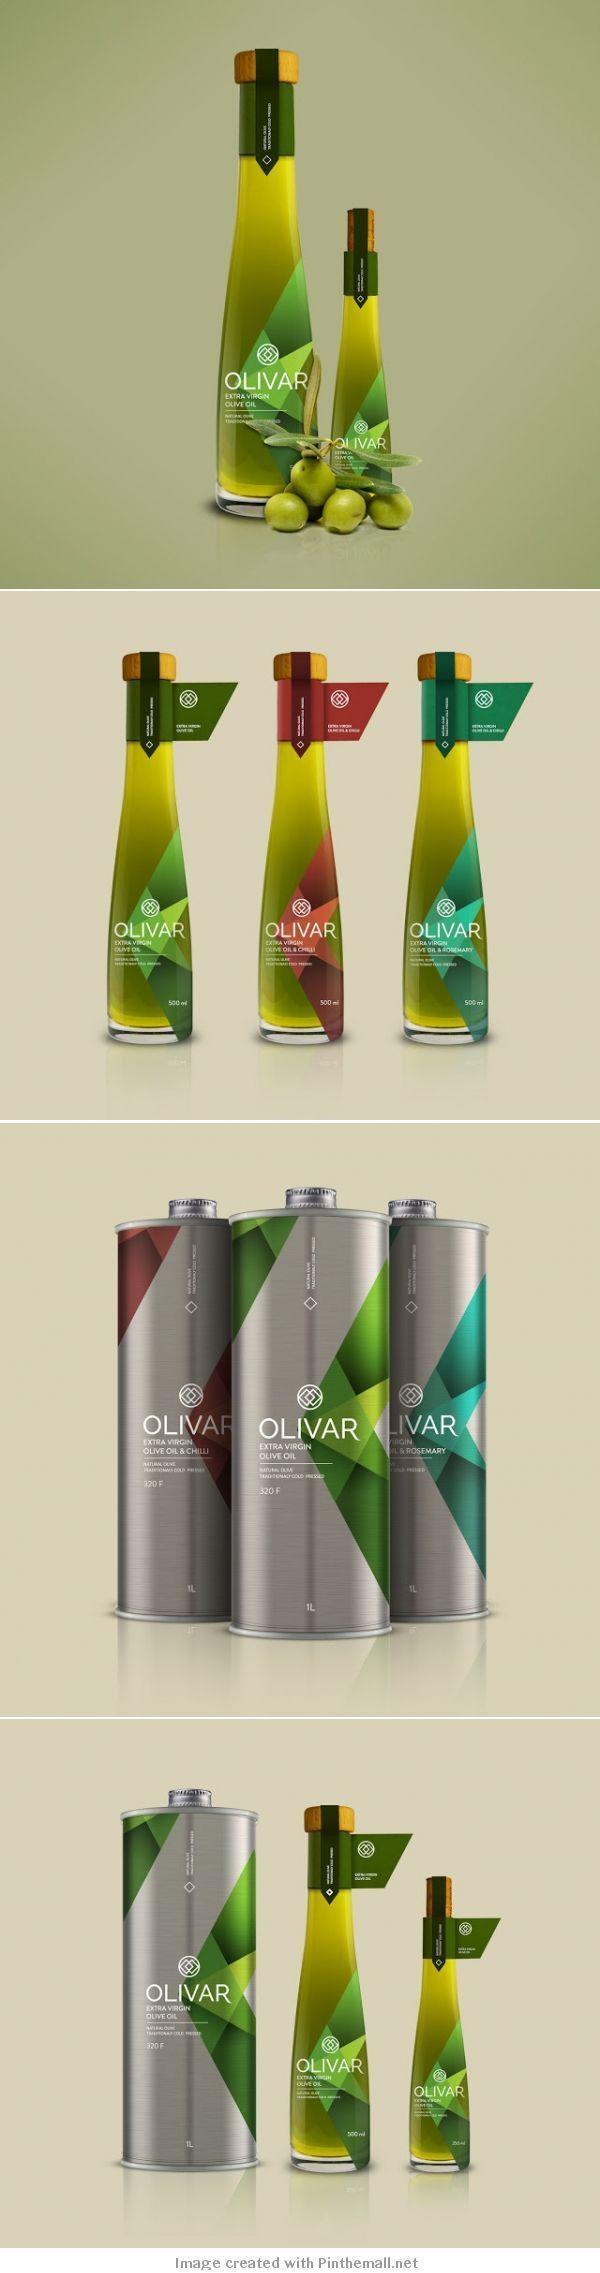 Inspiration graphique #5 : 25 packagings originaux et innovants à découvrir   BlogDuWebdesign